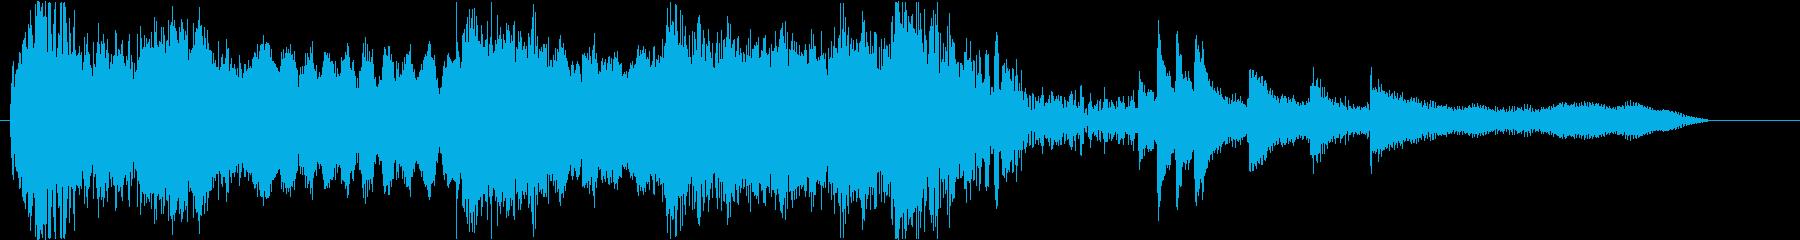 尺八を使用したオープニング曲の再生済みの波形